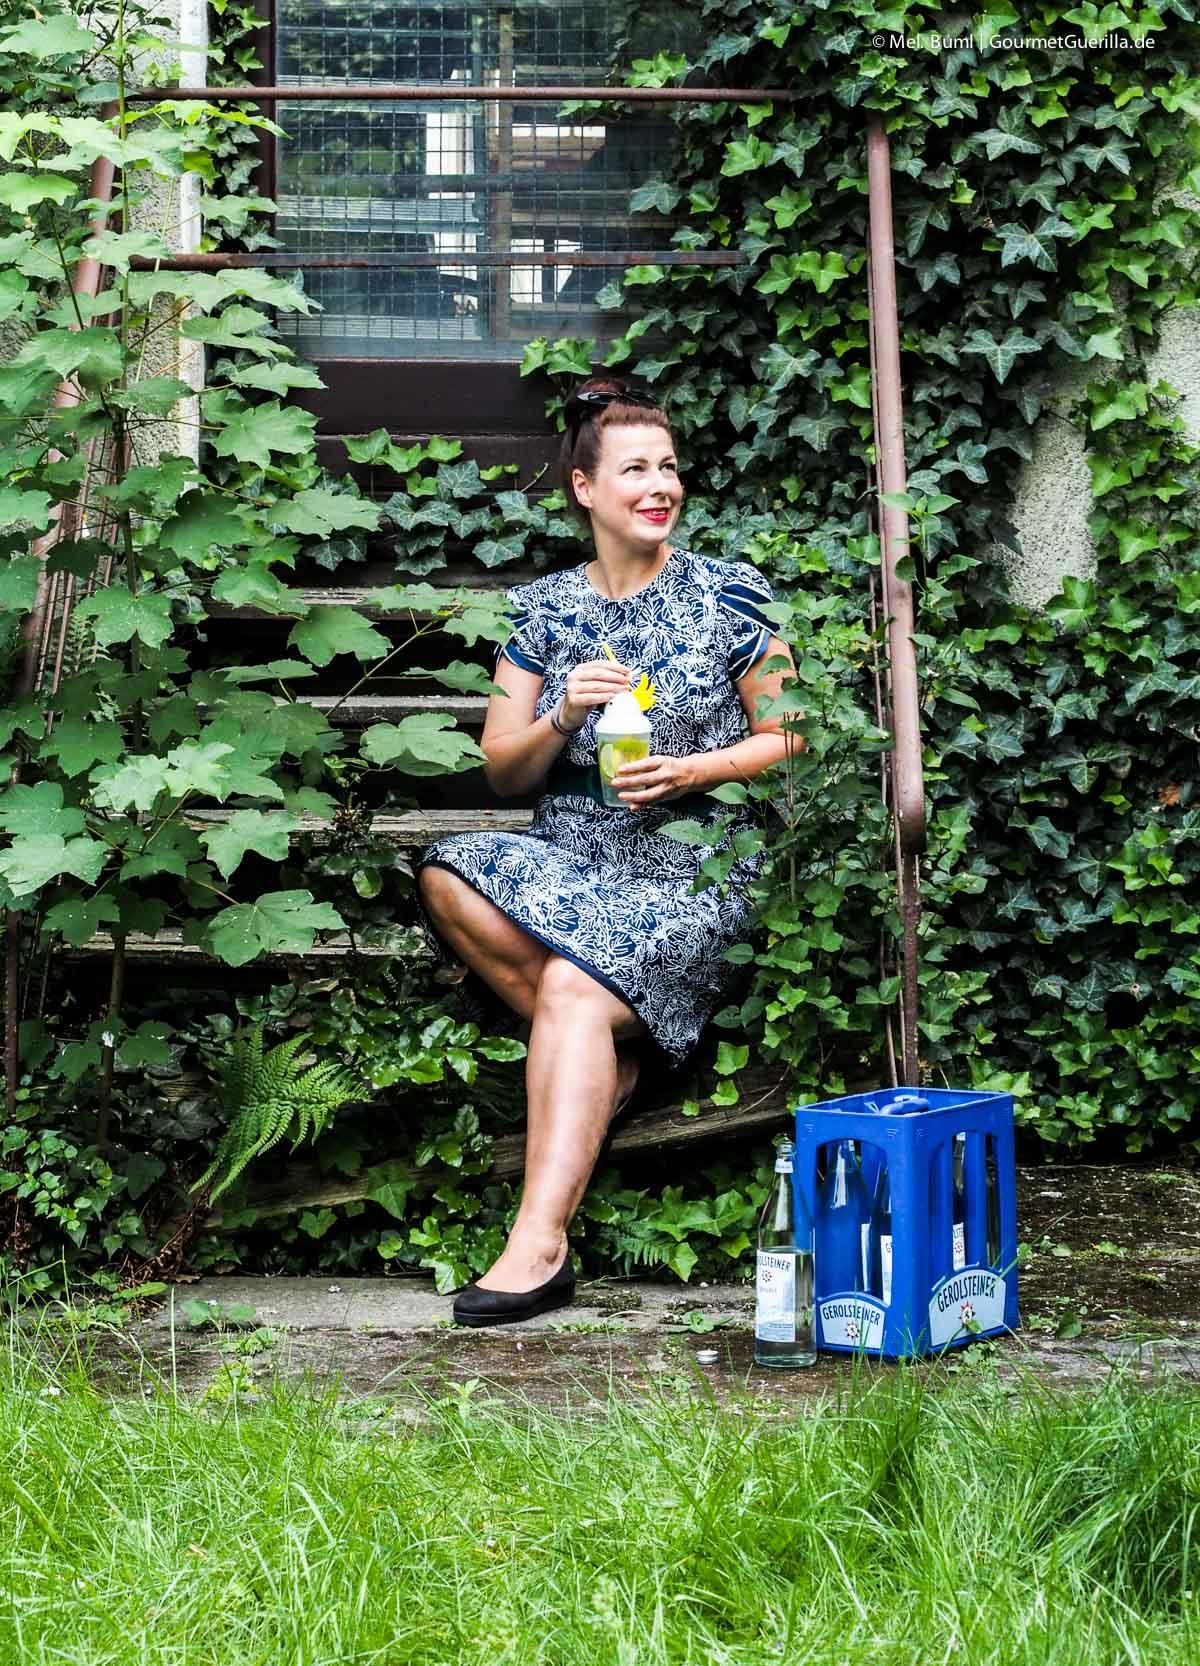 Proejkt Wasserwoche |GourmetGuerilla.de